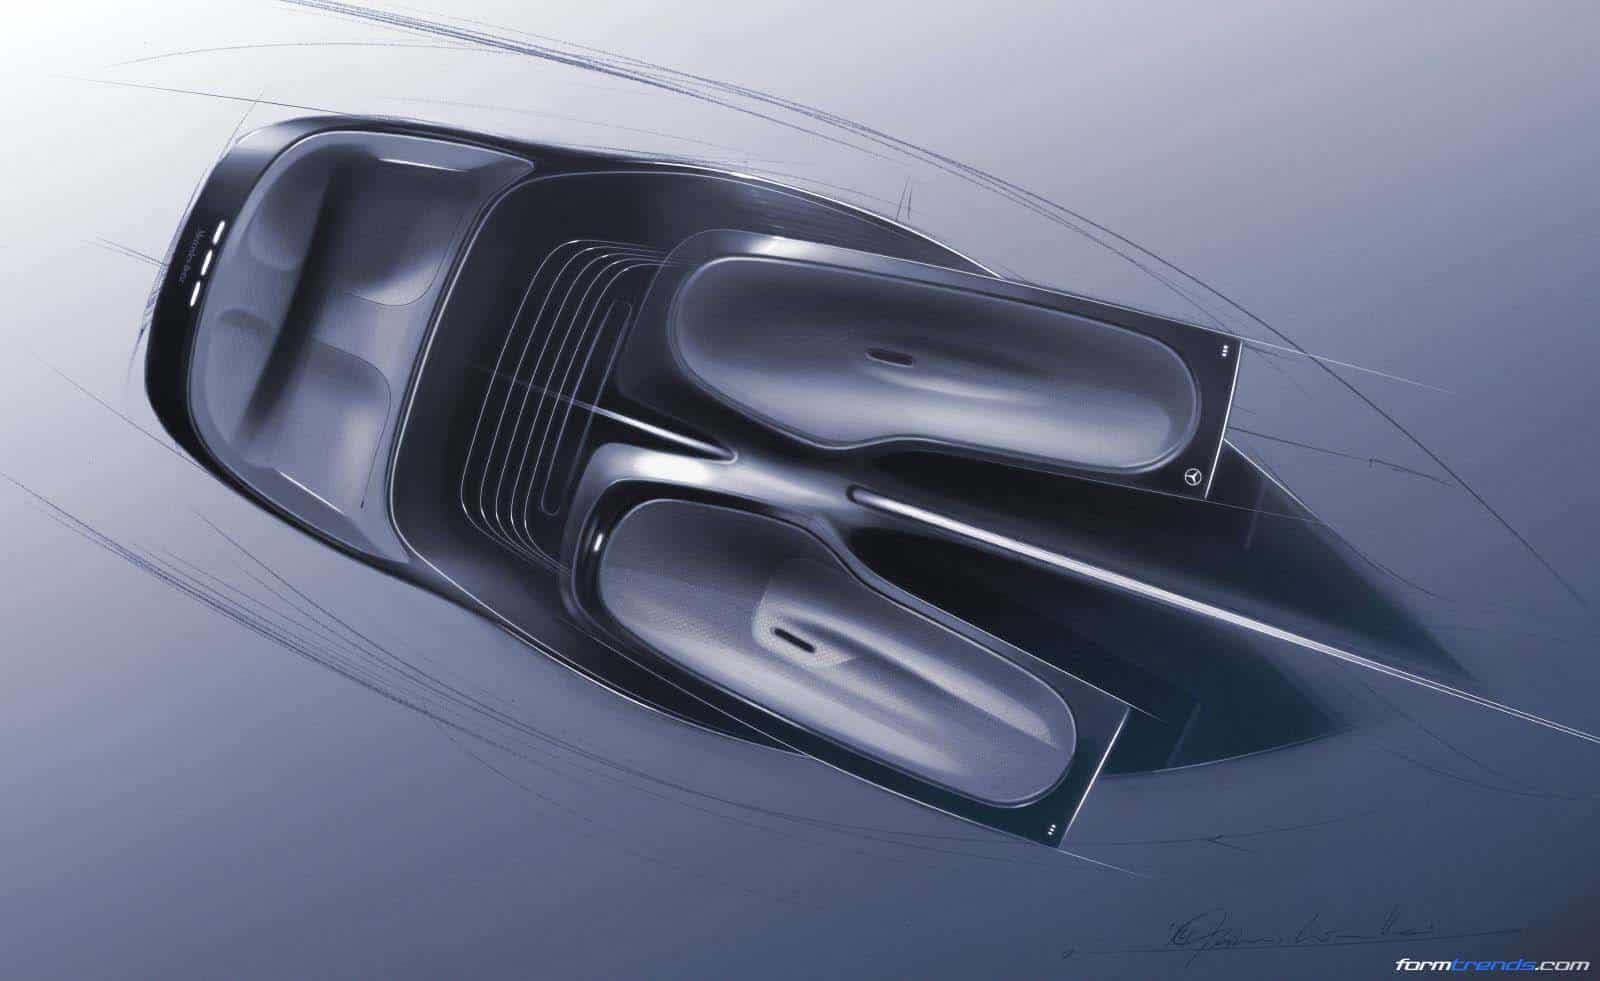 Mercedes H20 Concept Rendering By Marcus Krautter Pforzheim 2015